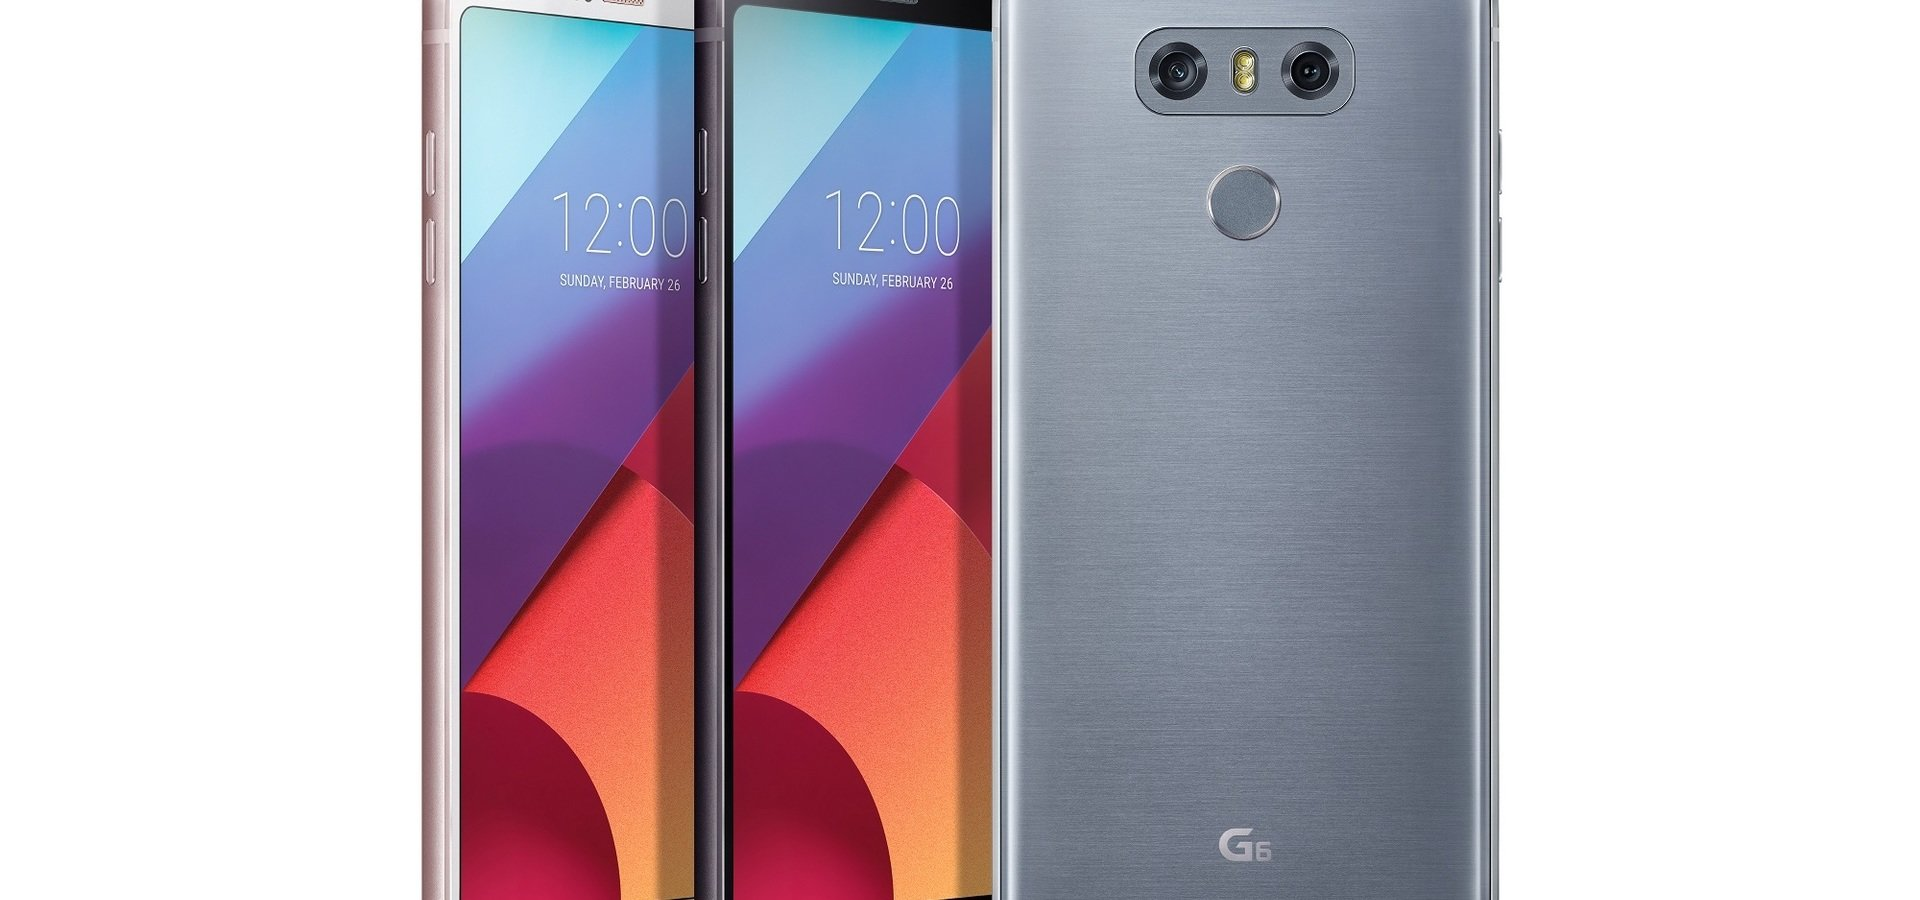 Mój świat w mojej dłoni – LG G6 oficjalnie w Polsce